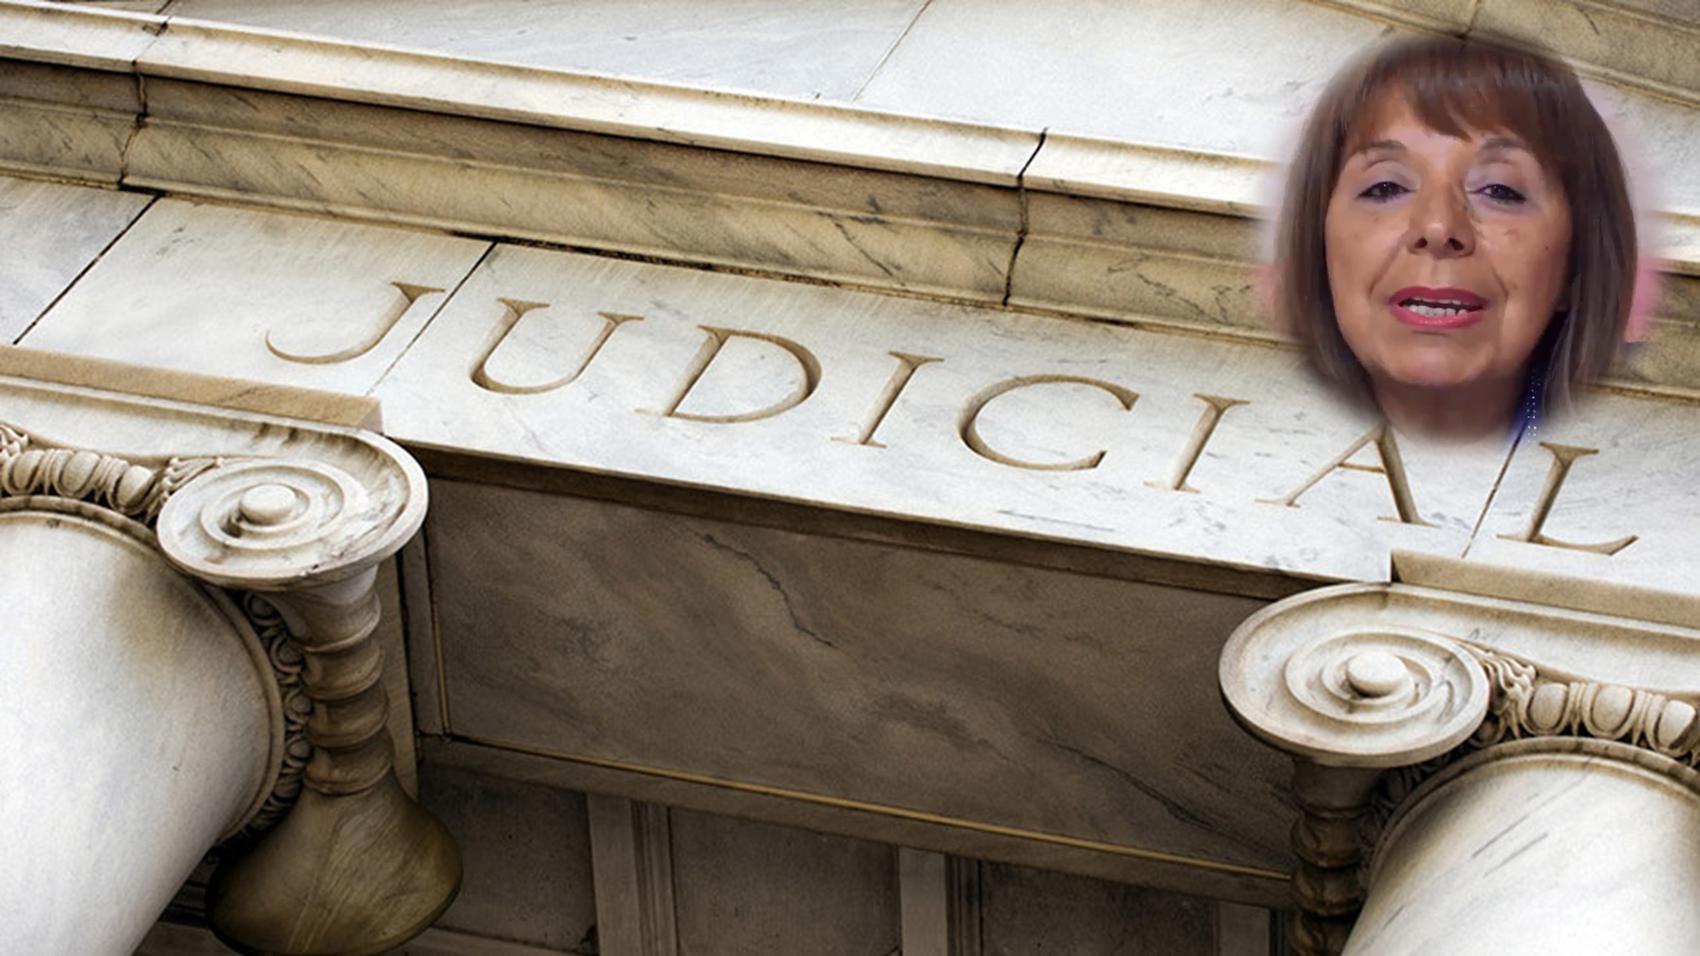 Career in Judging